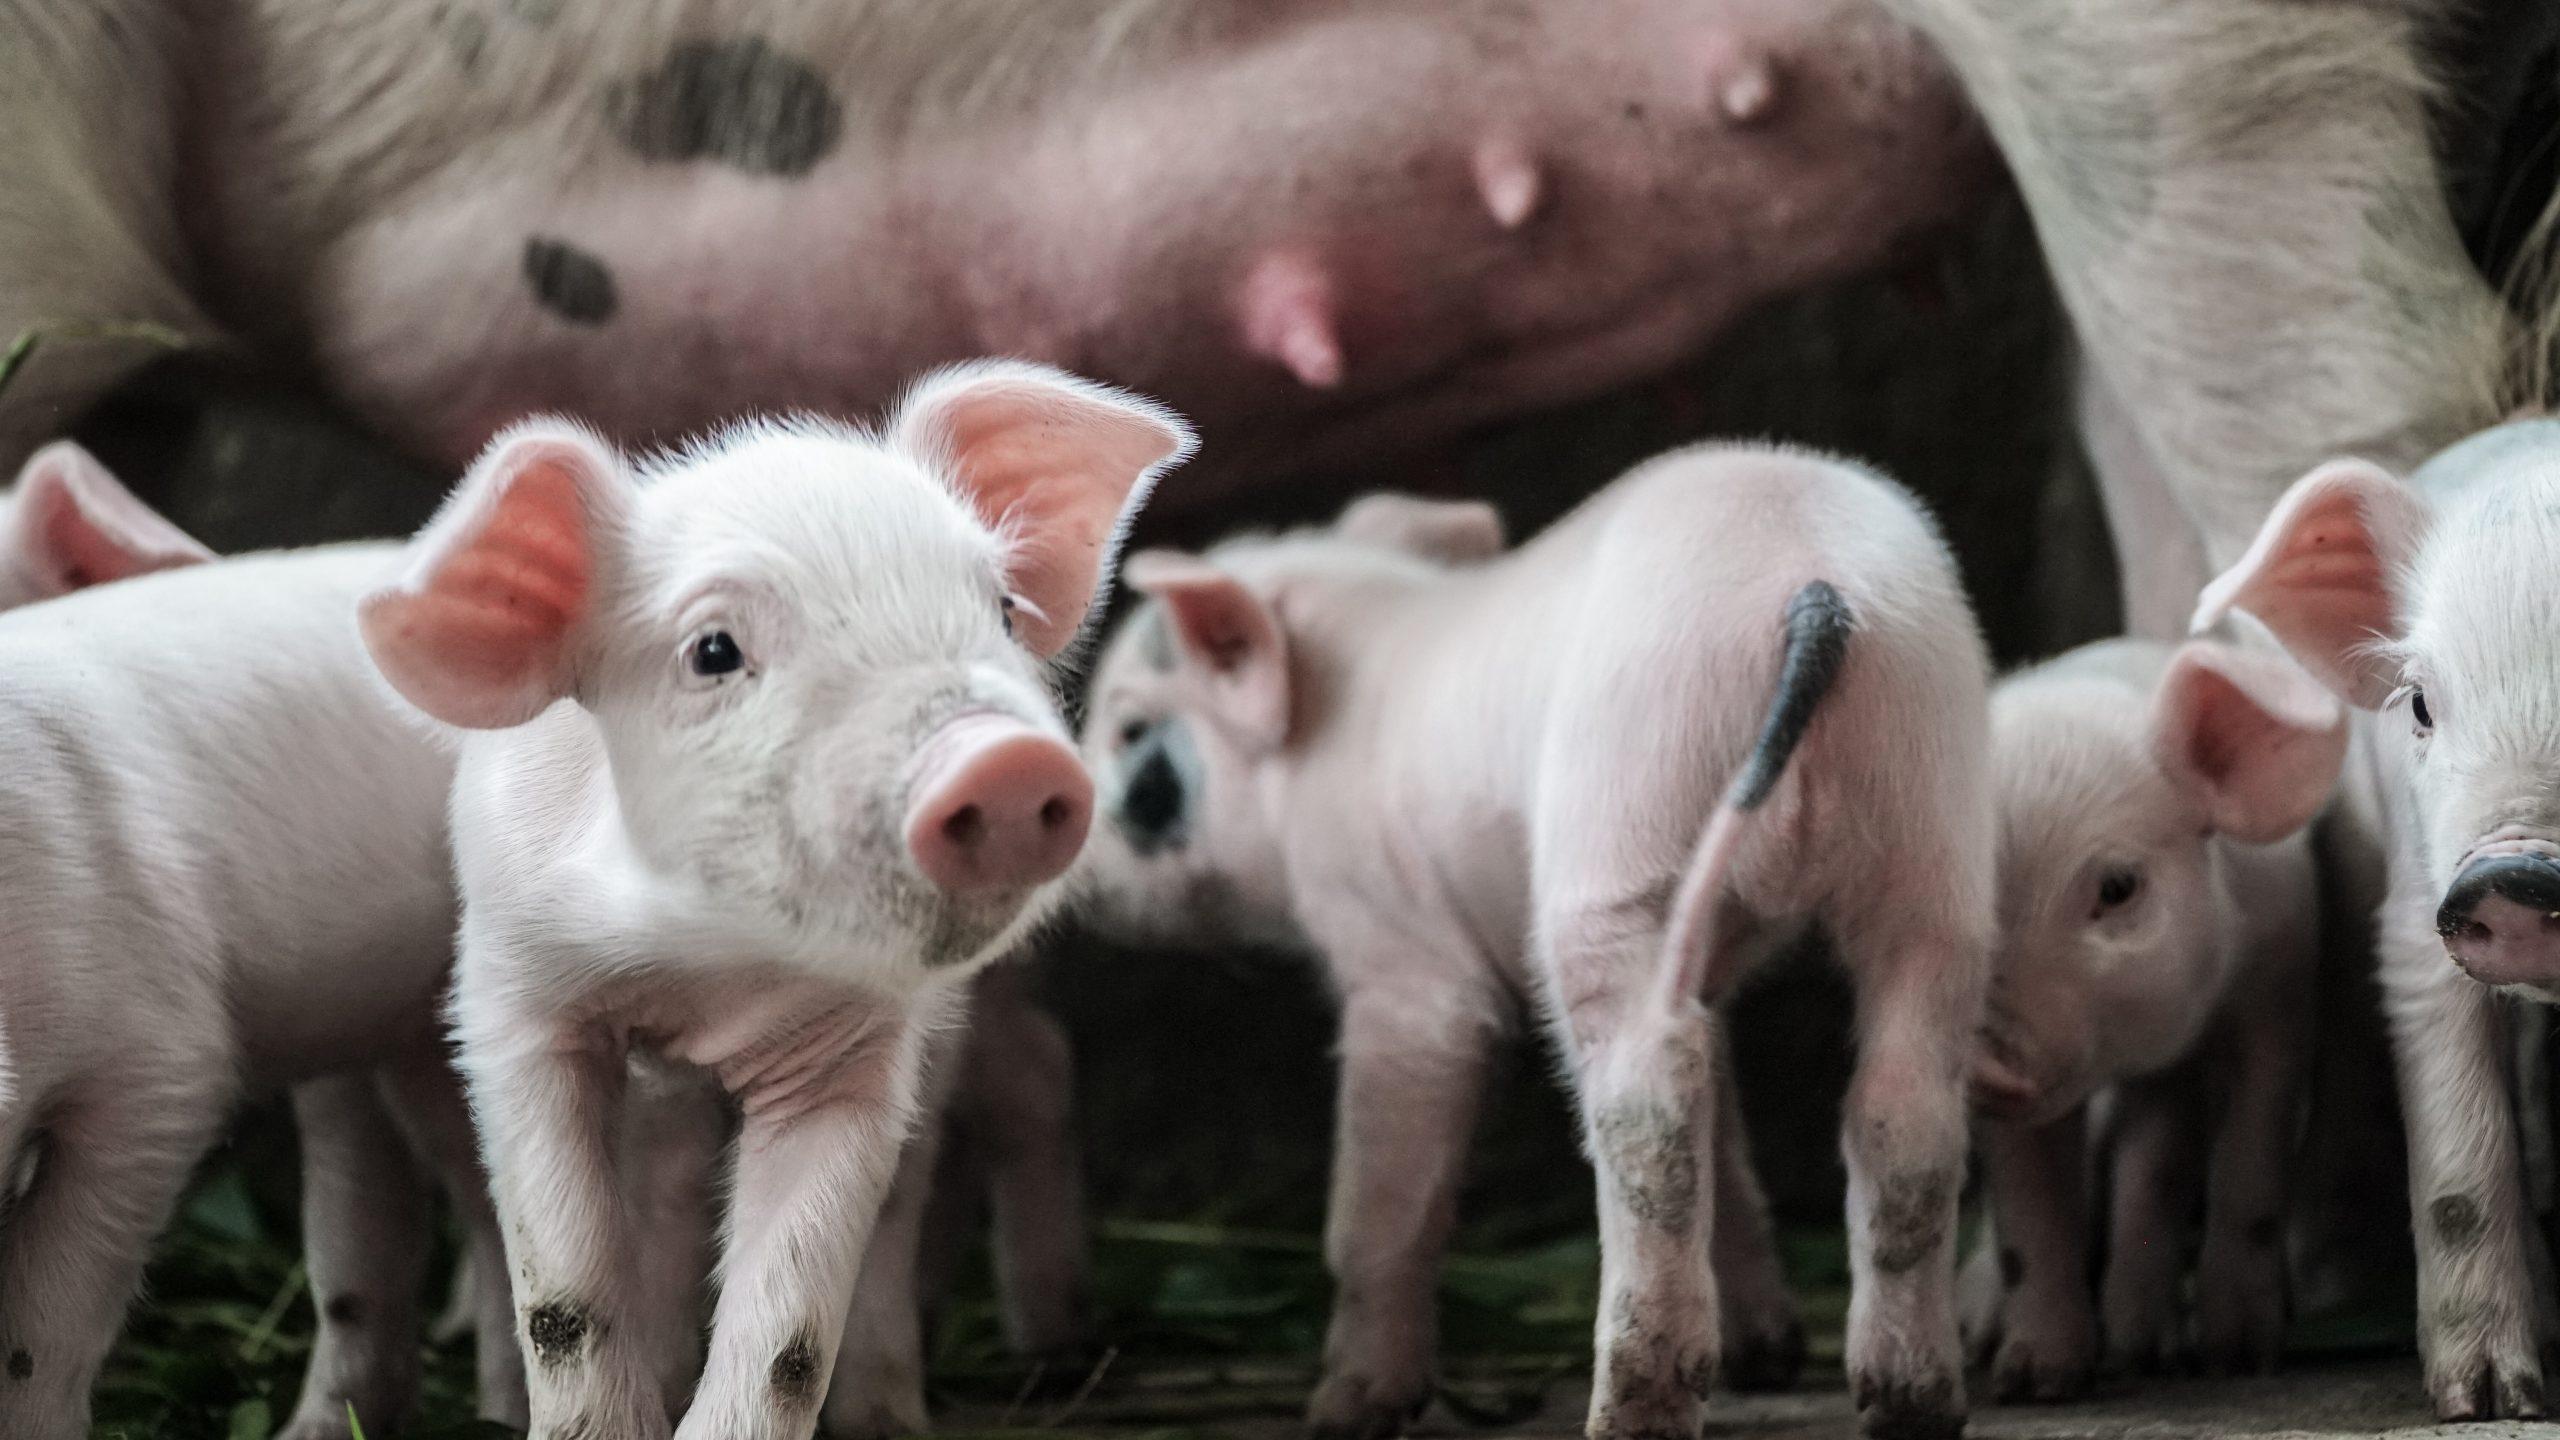 Soutien aux éleveurs de porcs gaumais pour relancer la filière en zone touchée par la Peste Porcine Africaine